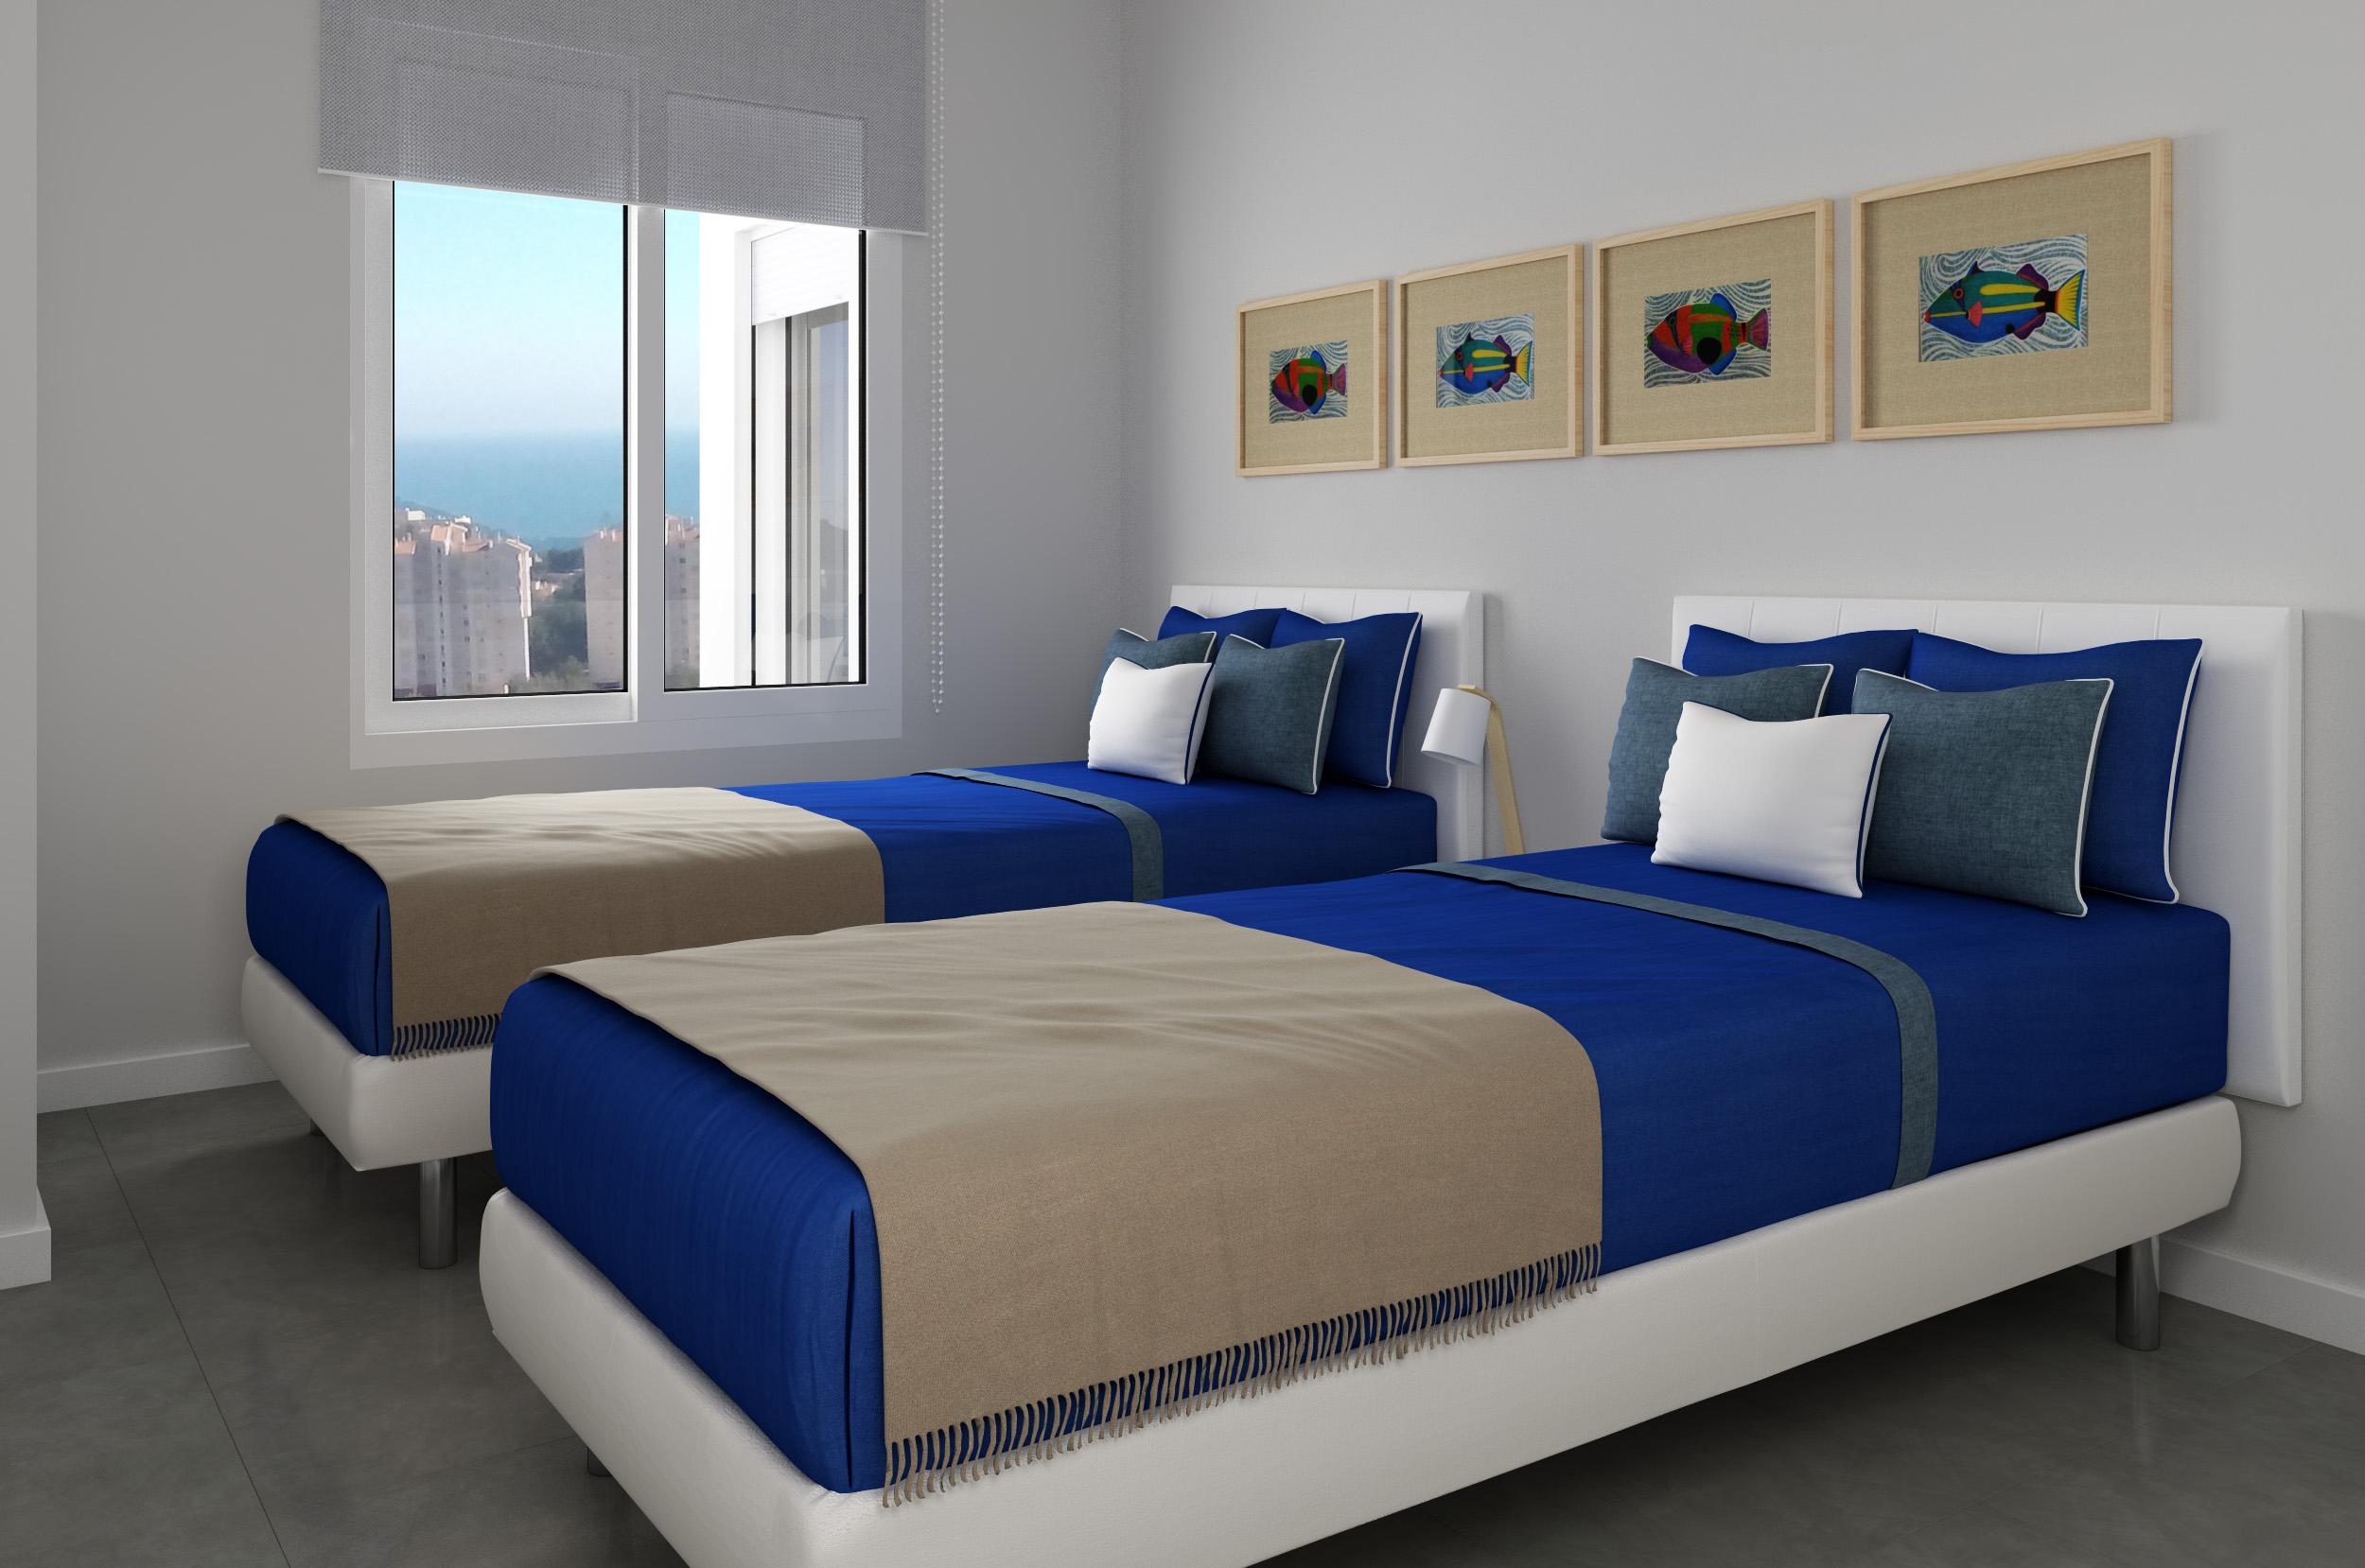 Travensa promociones y construcciones dormitorio invitados for Dormitorio invitados